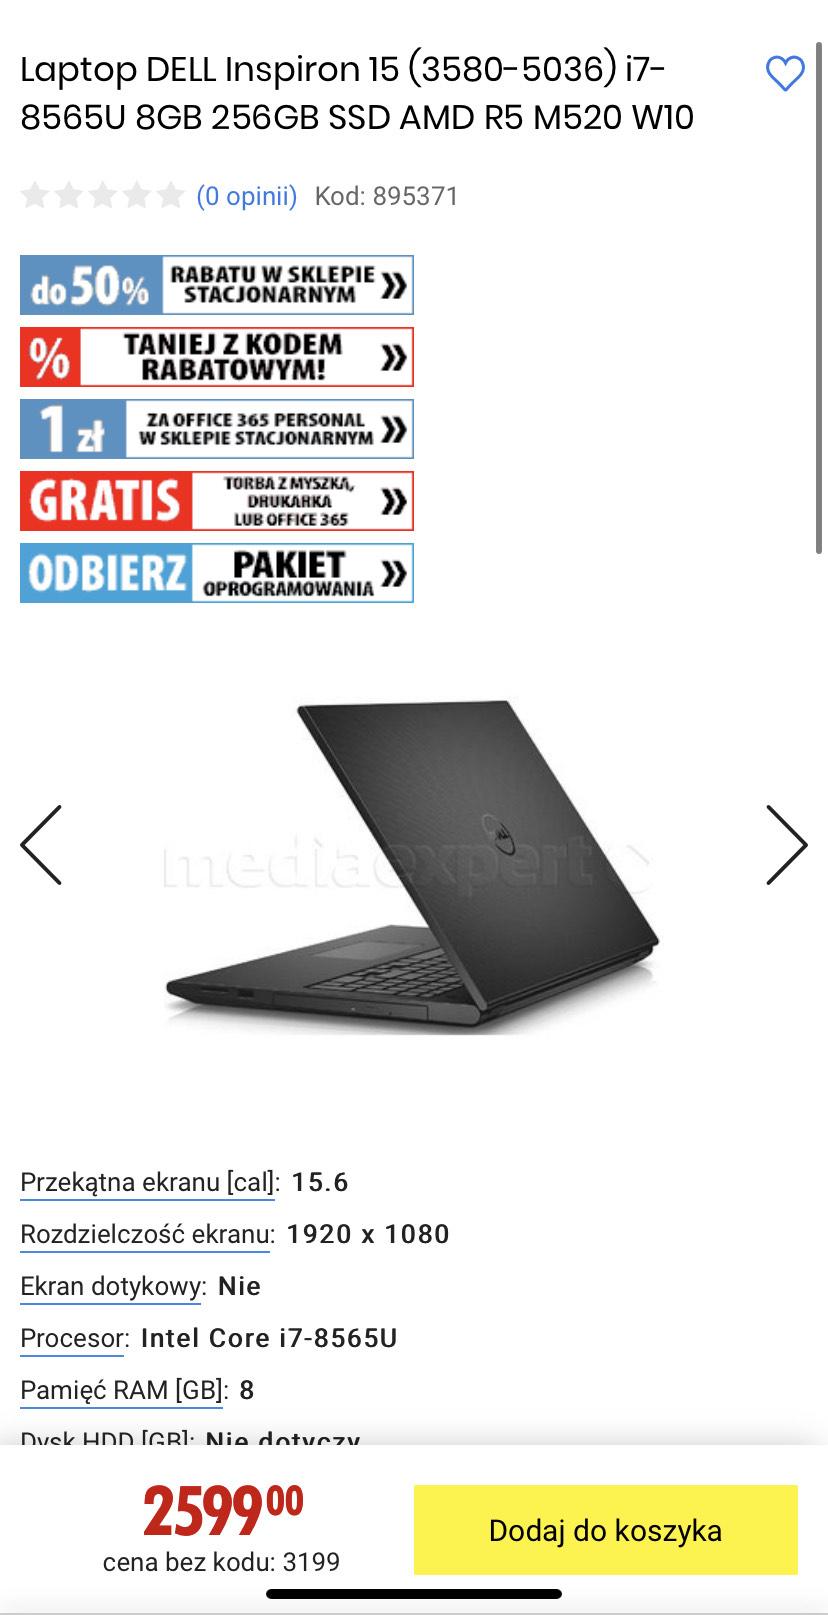 Laptop DELL Inspiron 15 (3580-5036) i7-8565U 8GB 256GB SSD AMD R5 M520 W10